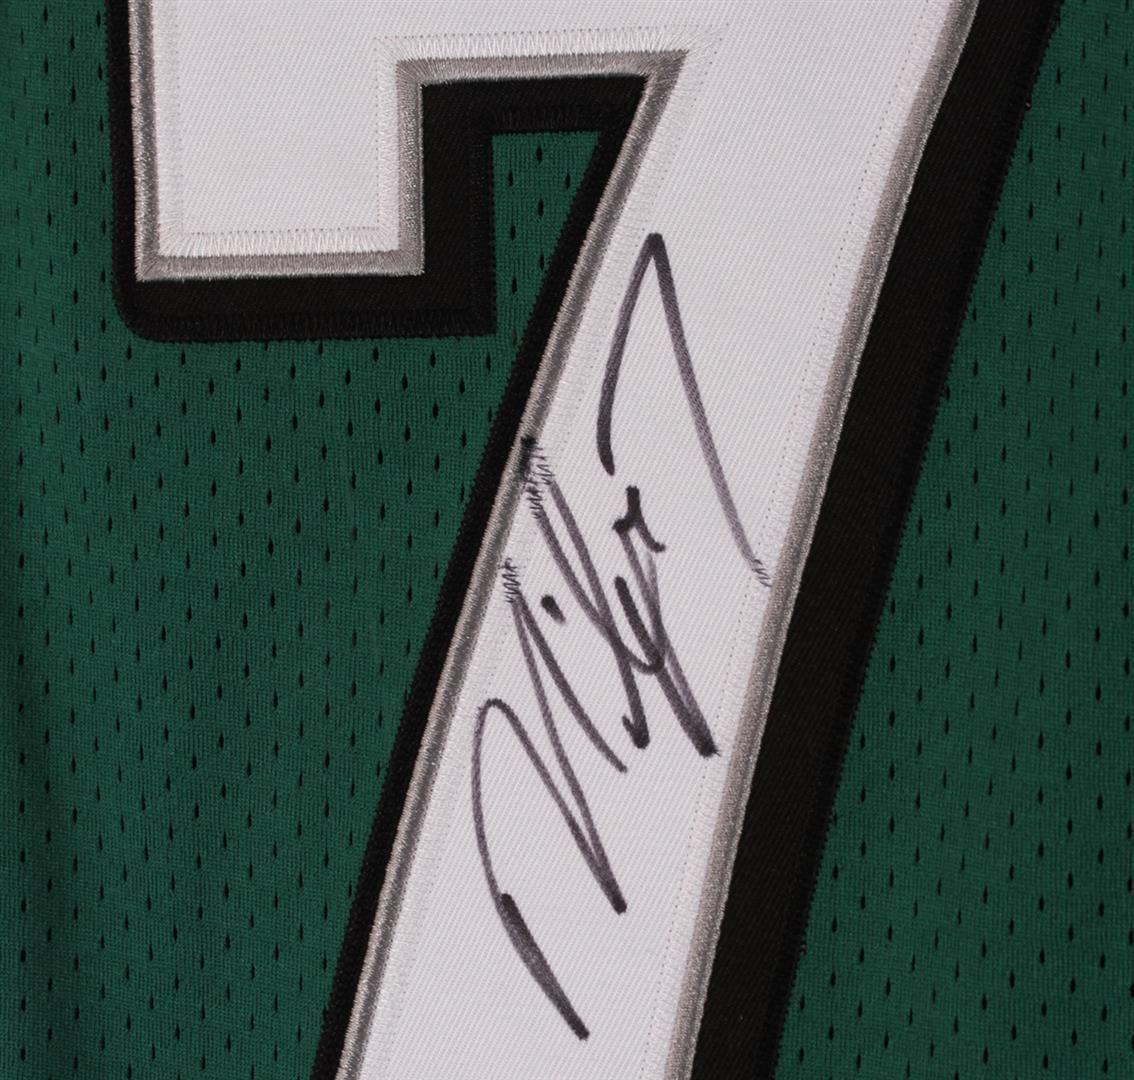 online store 7680c a59d3 Philadelphia Eagles Michael Vick Autographed Jersey